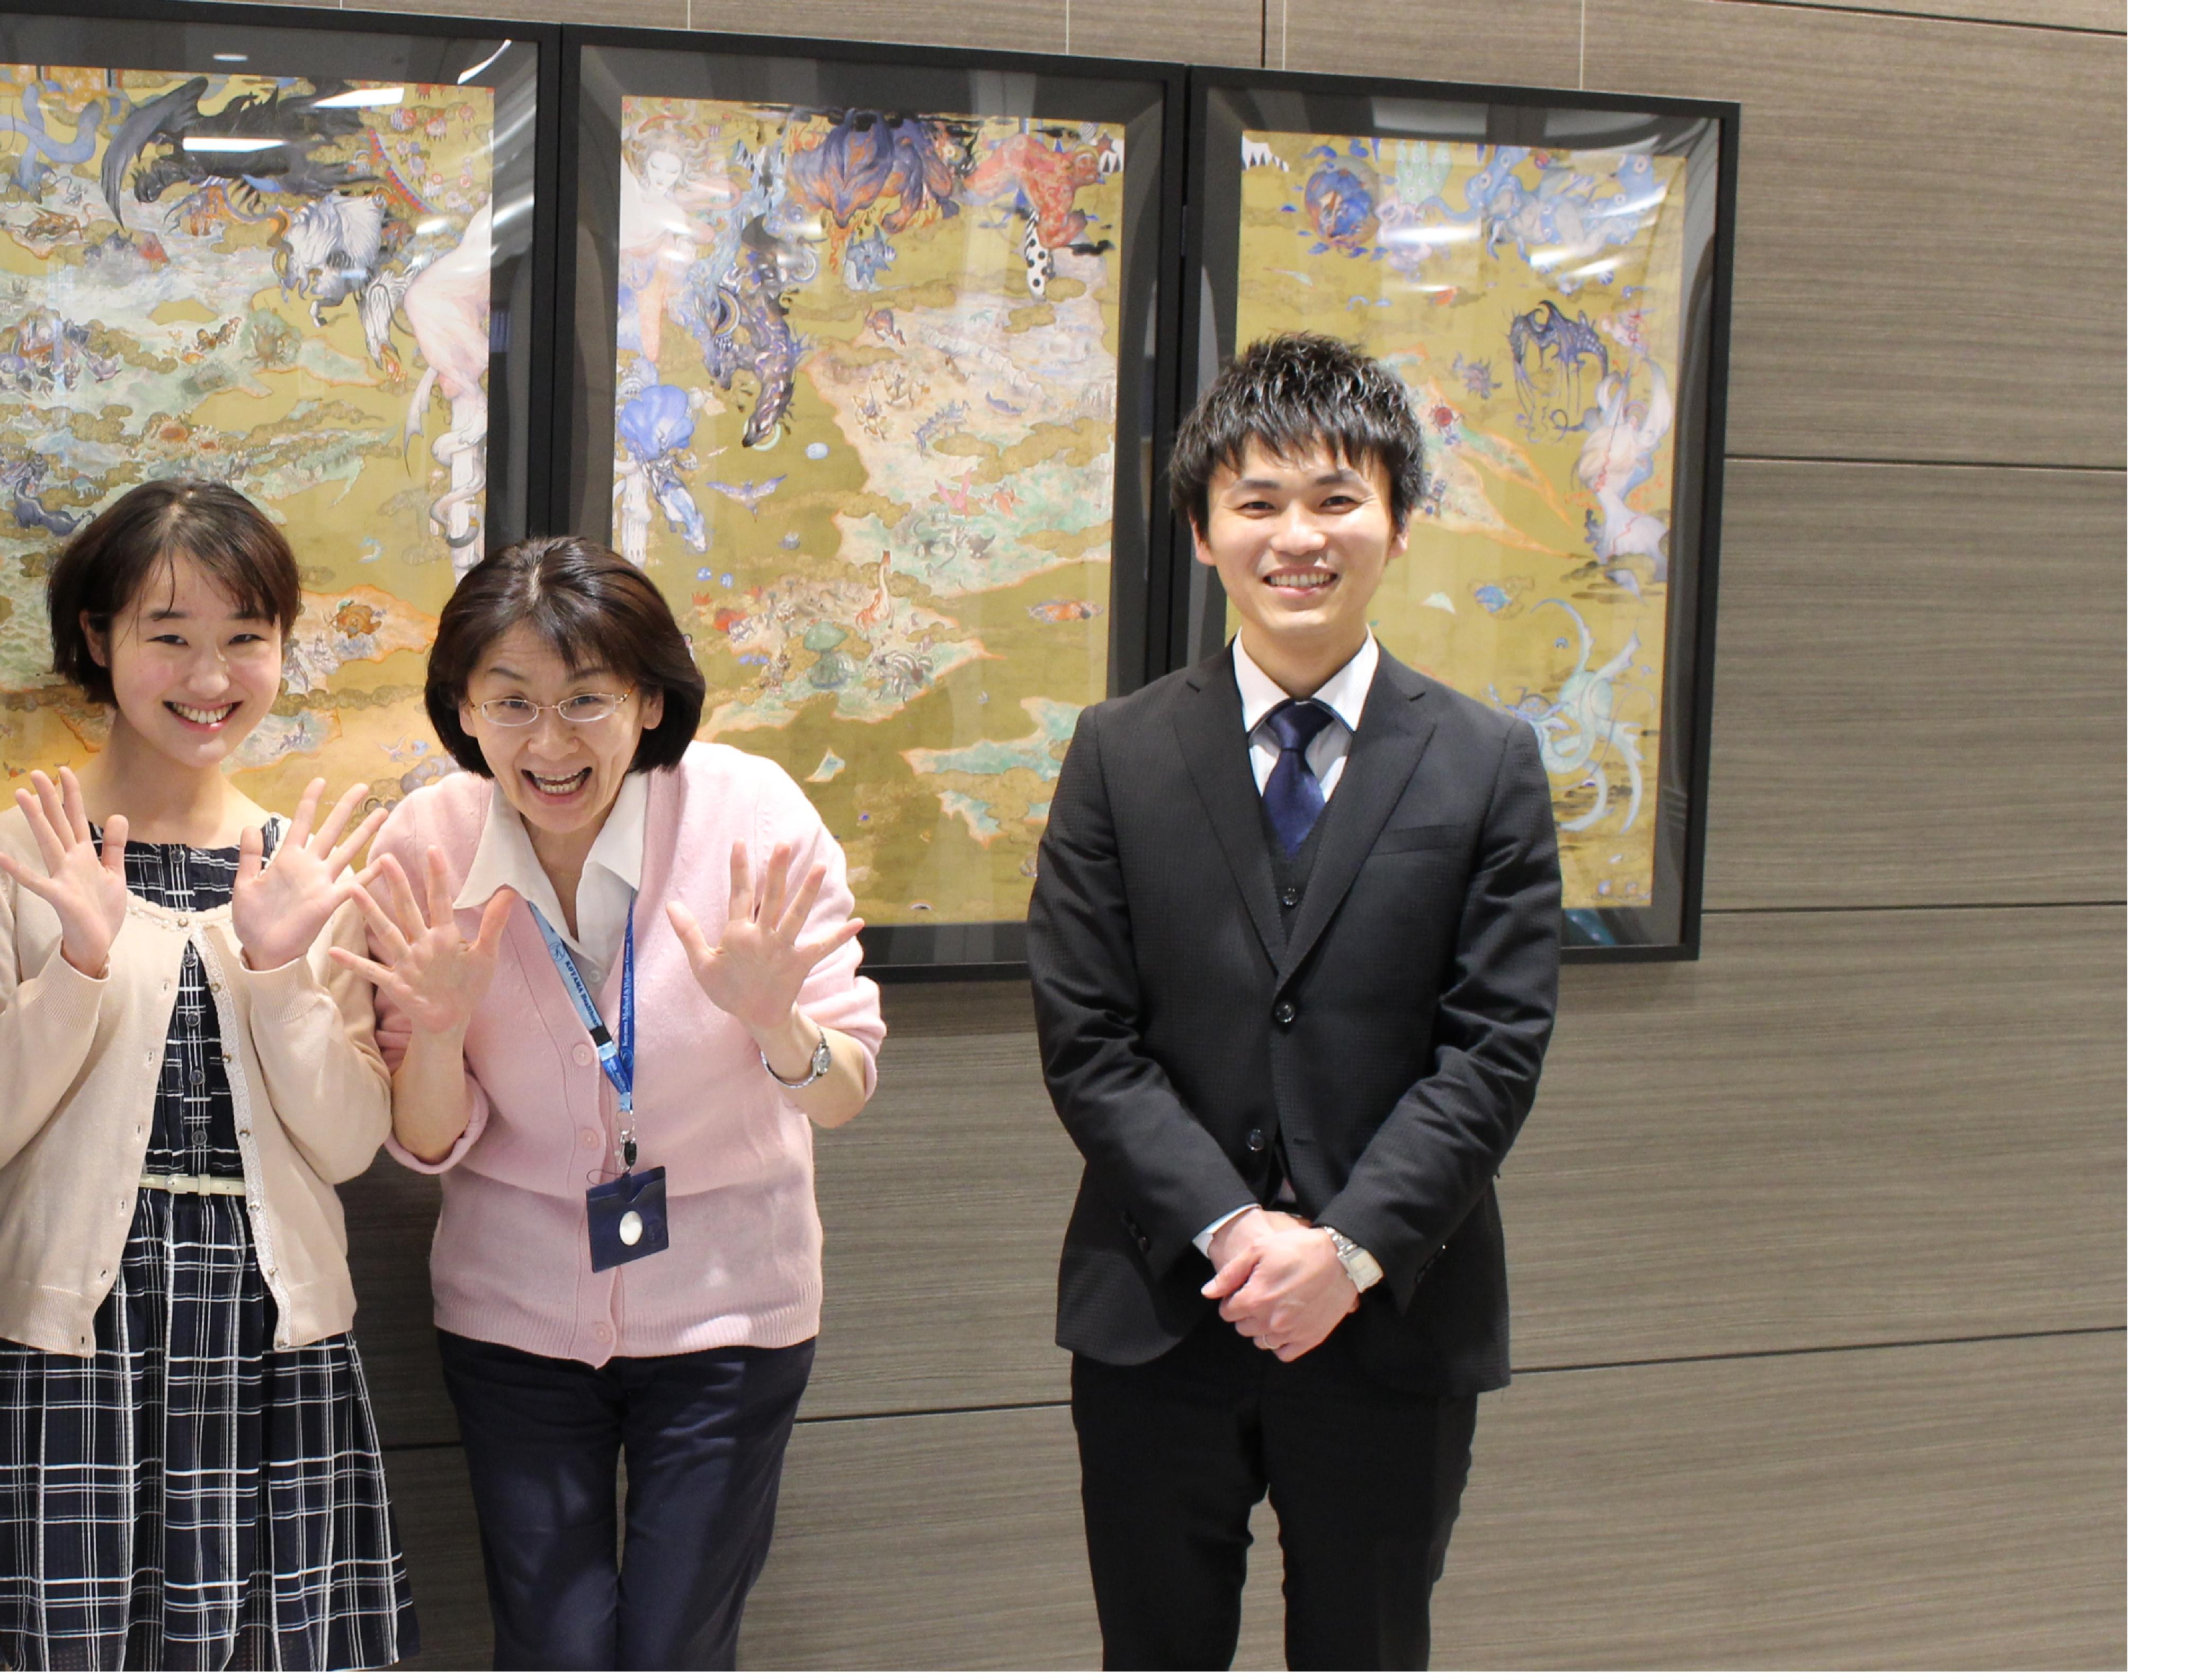 (中央が高口光子さん。宮下さん(左)はケアカレの卒業生。高口さんの介護にかける情熱に、宮下さんはあっという間に心を奪われ、入職を決意されたそうです。右は採用担当の岡林さん)